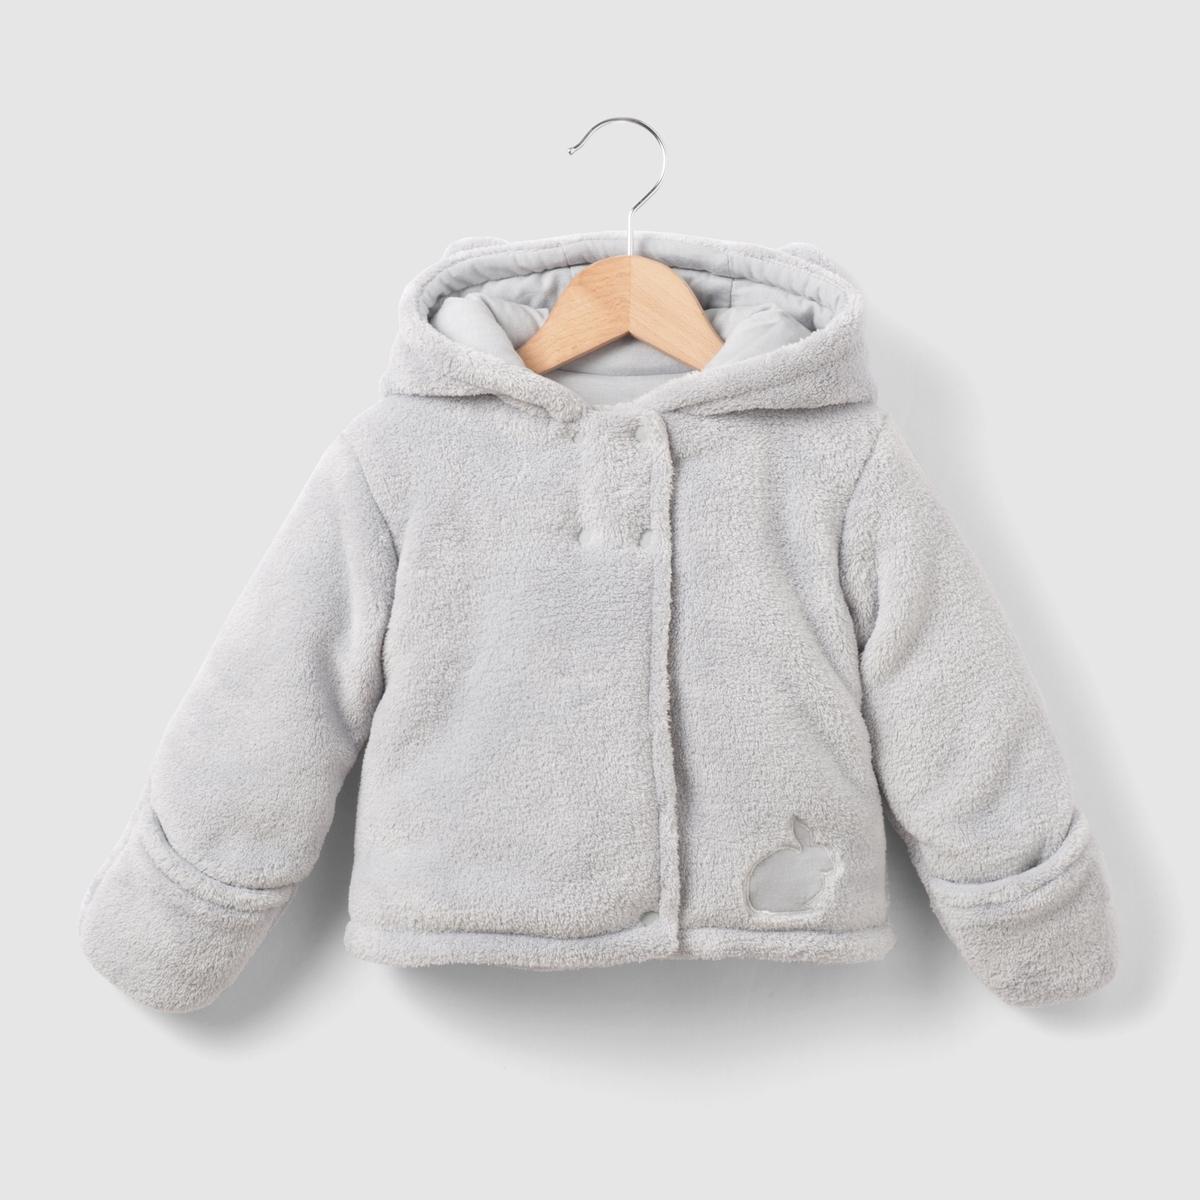 Пальто флисовое с капюшоном на 0 мес.- 3 года